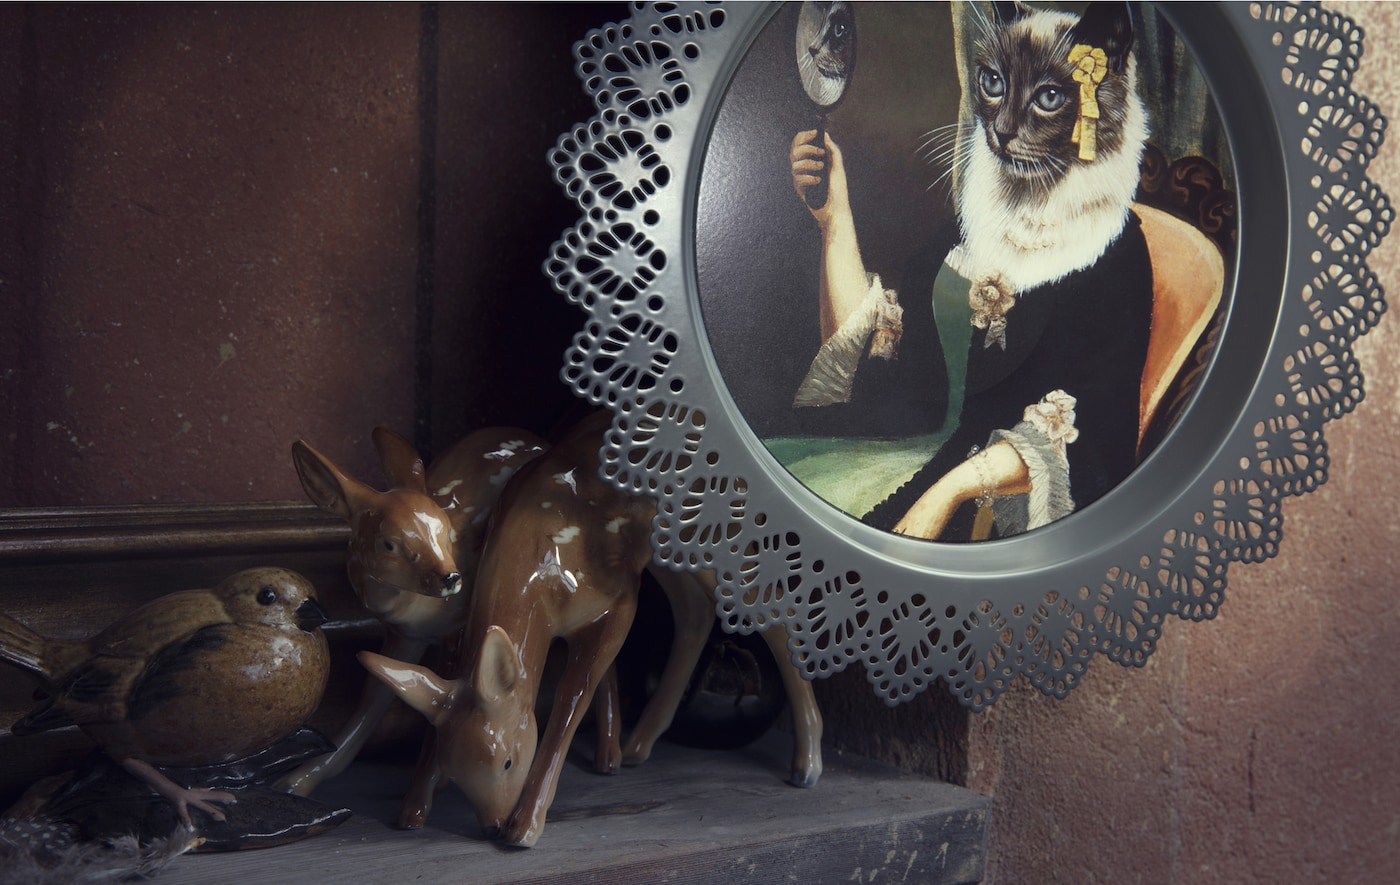 特写:宜家 SKURAR 斯古拉 墙面装饰和一些动物装饰品。